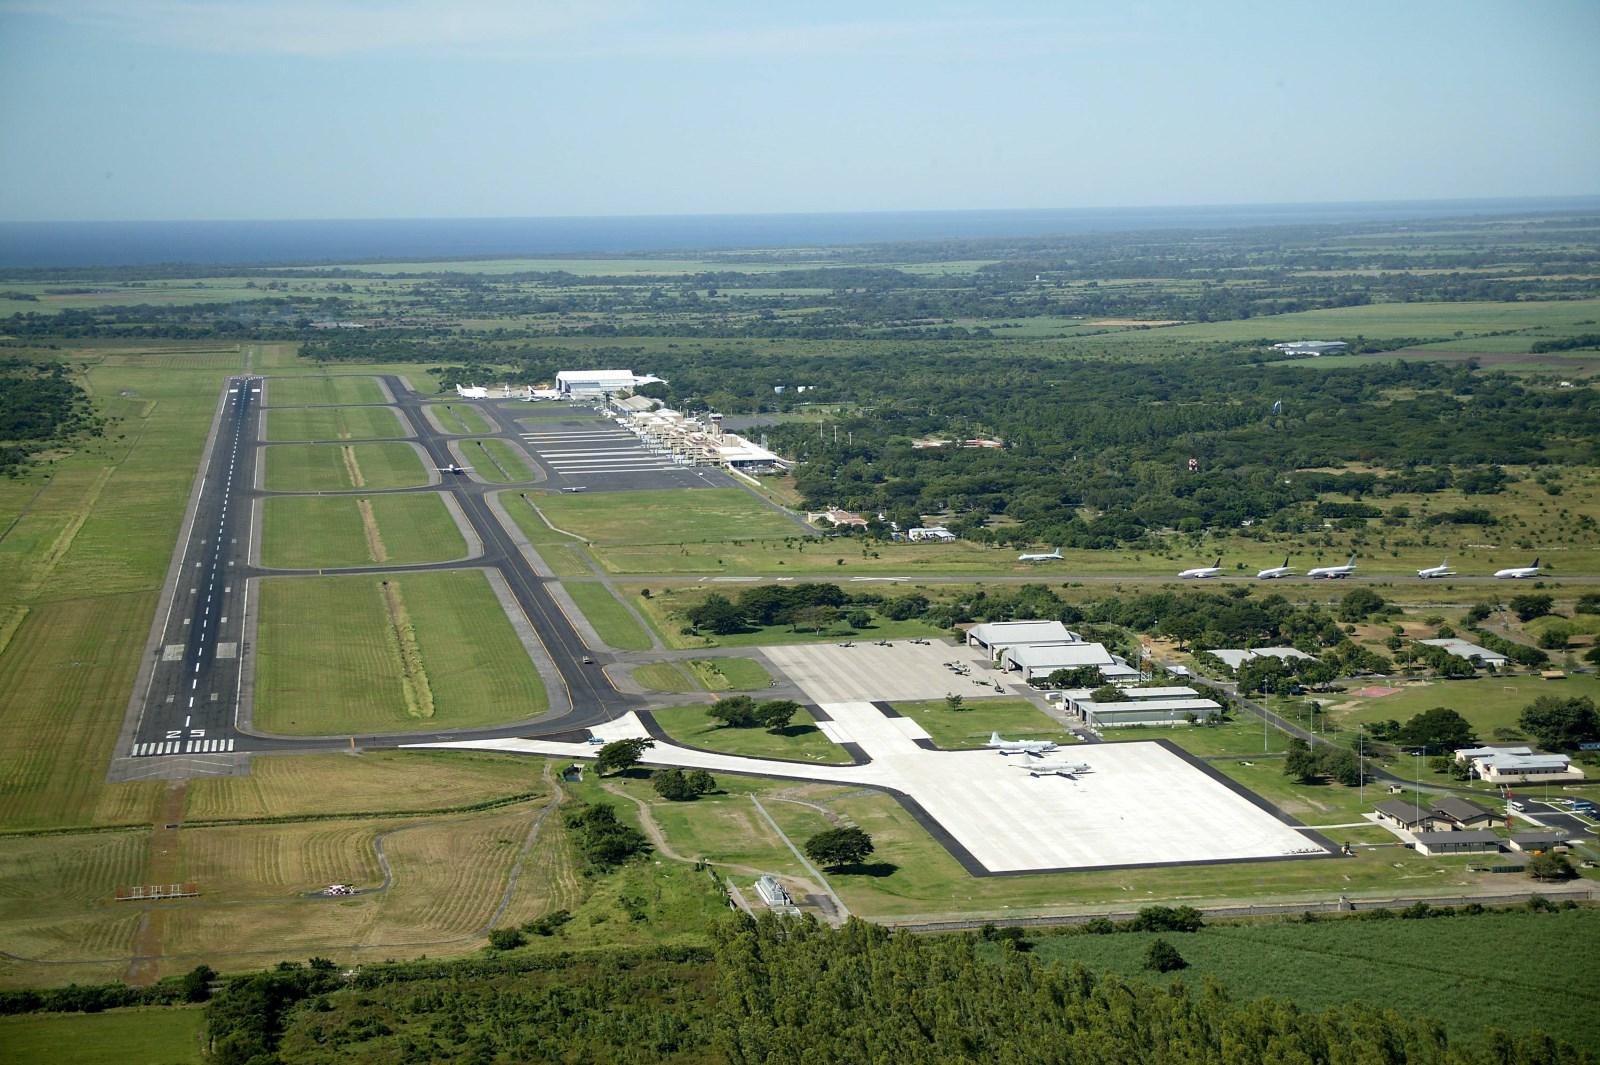 Salvador De El Aeropuerto